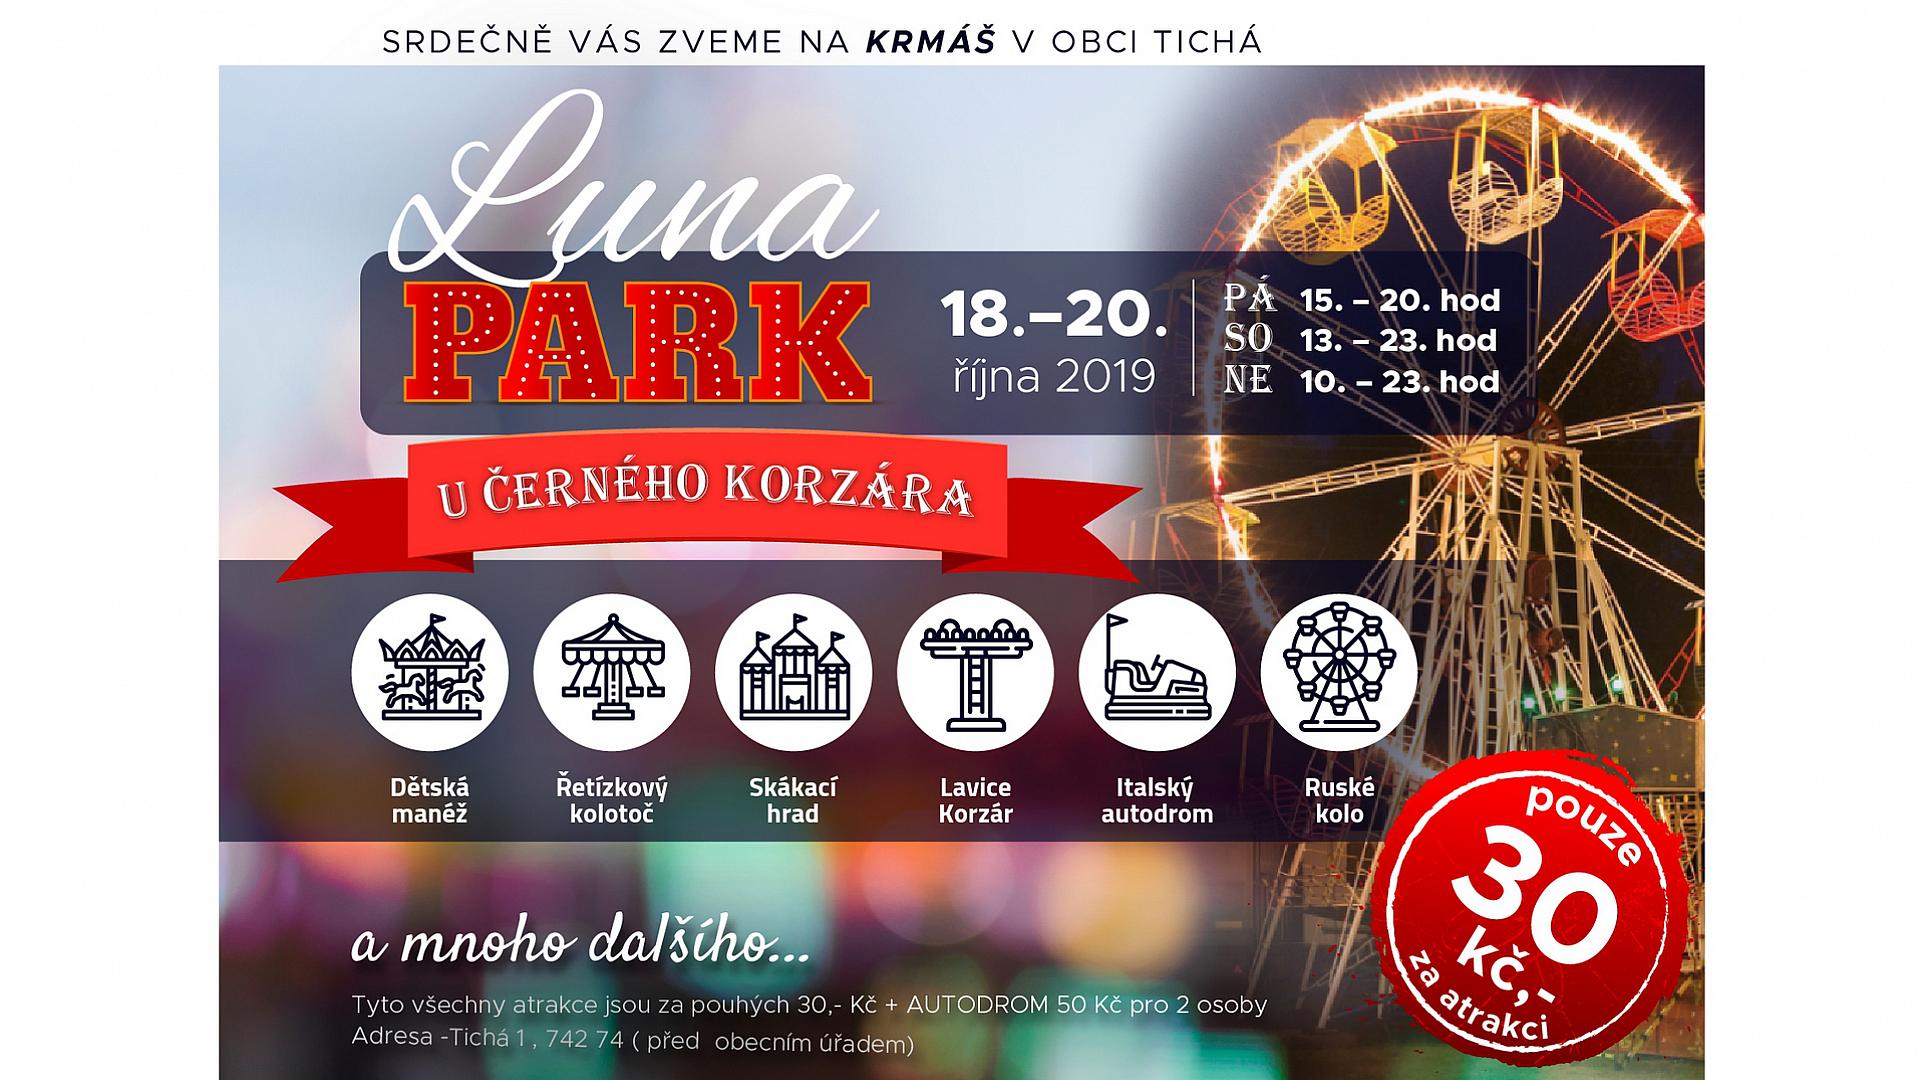 Tvardkovi - Luna PARK 2019